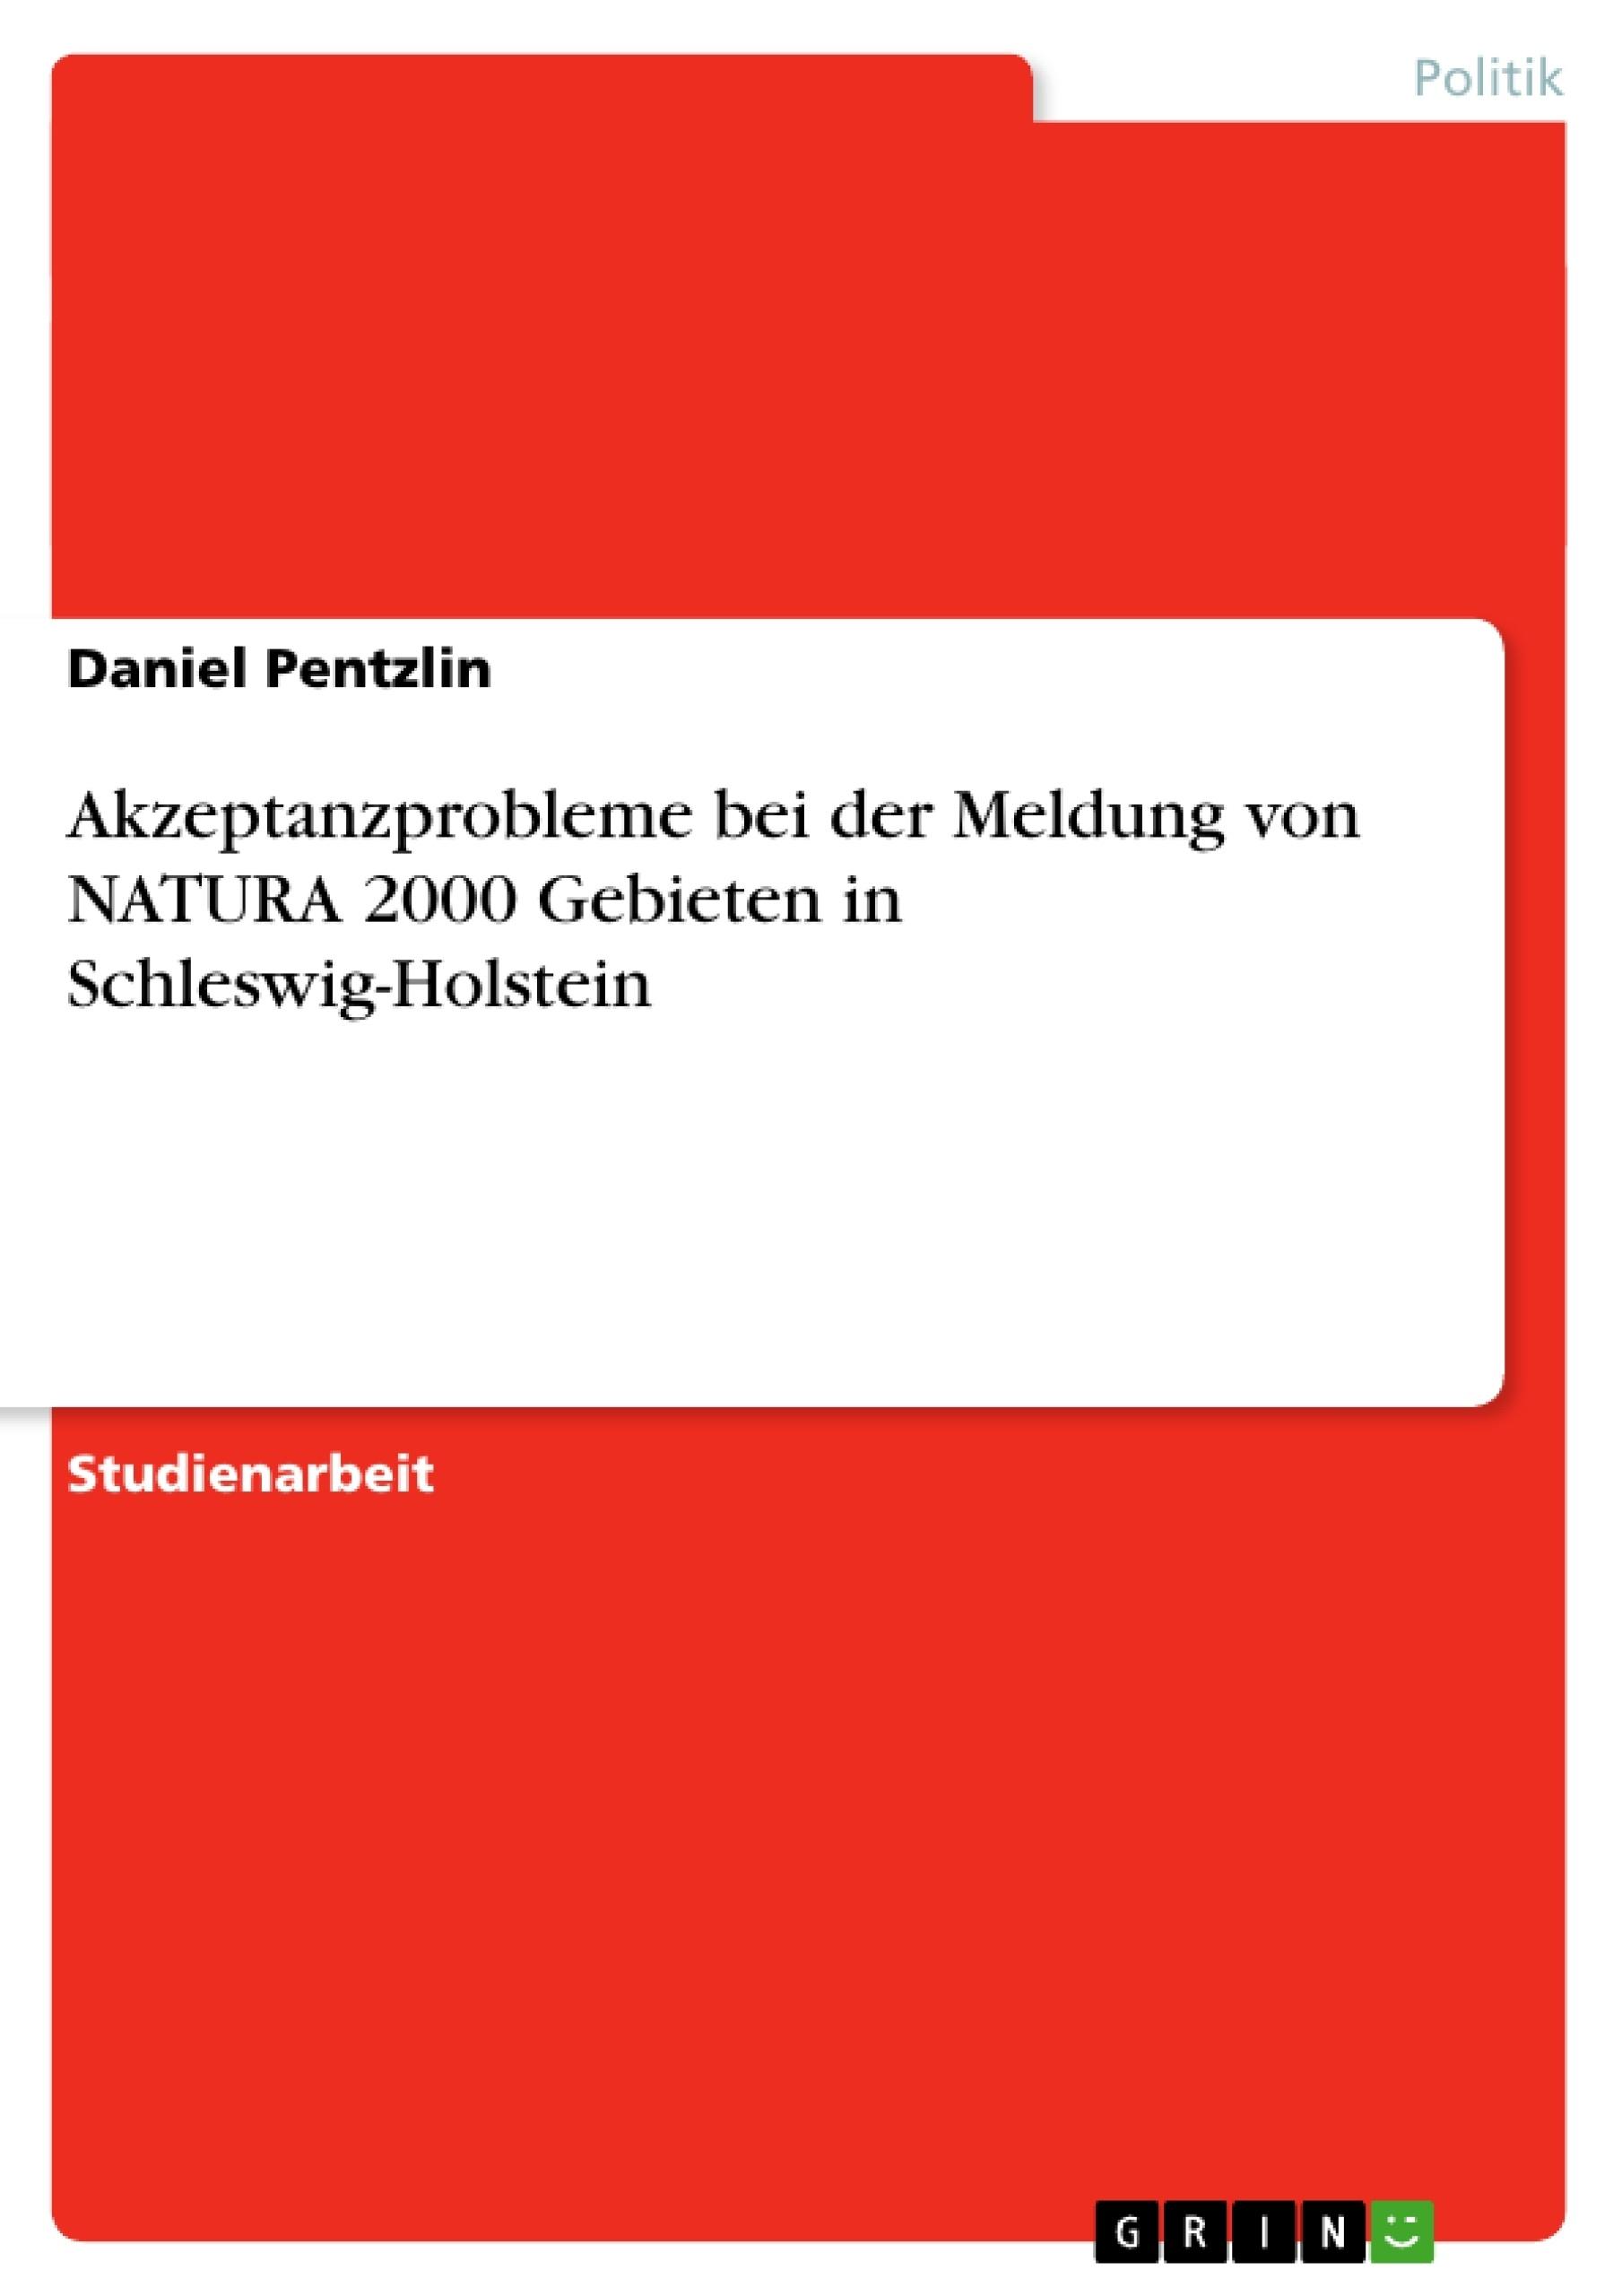 Titel: Akzeptanzprobleme bei der Meldung von NATURA 2000 Gebieten in Schleswig-Holstein